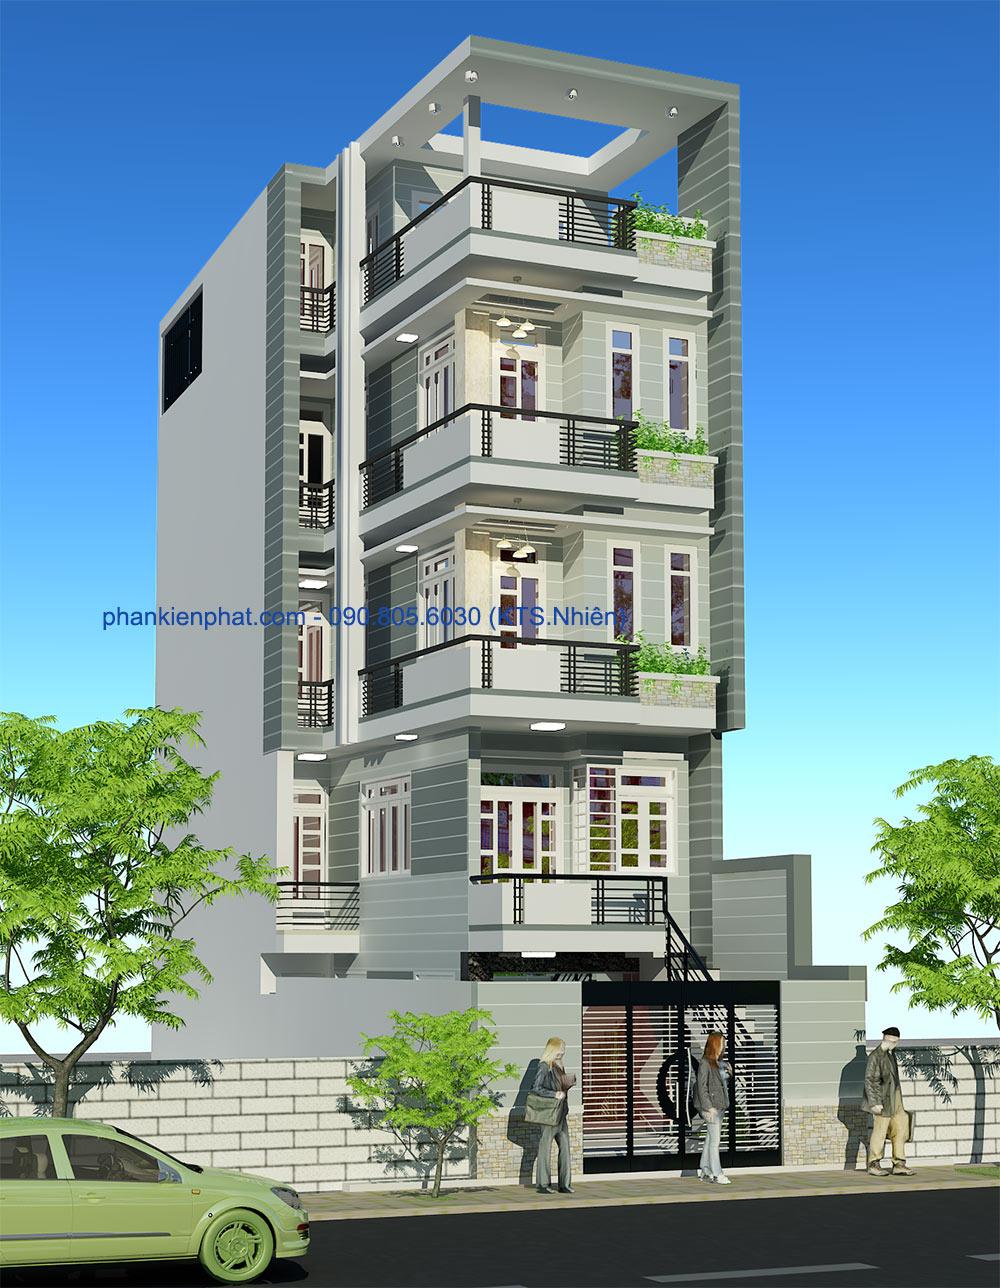 Mẫu thiết kế nhà phố 5 tầng đẹp